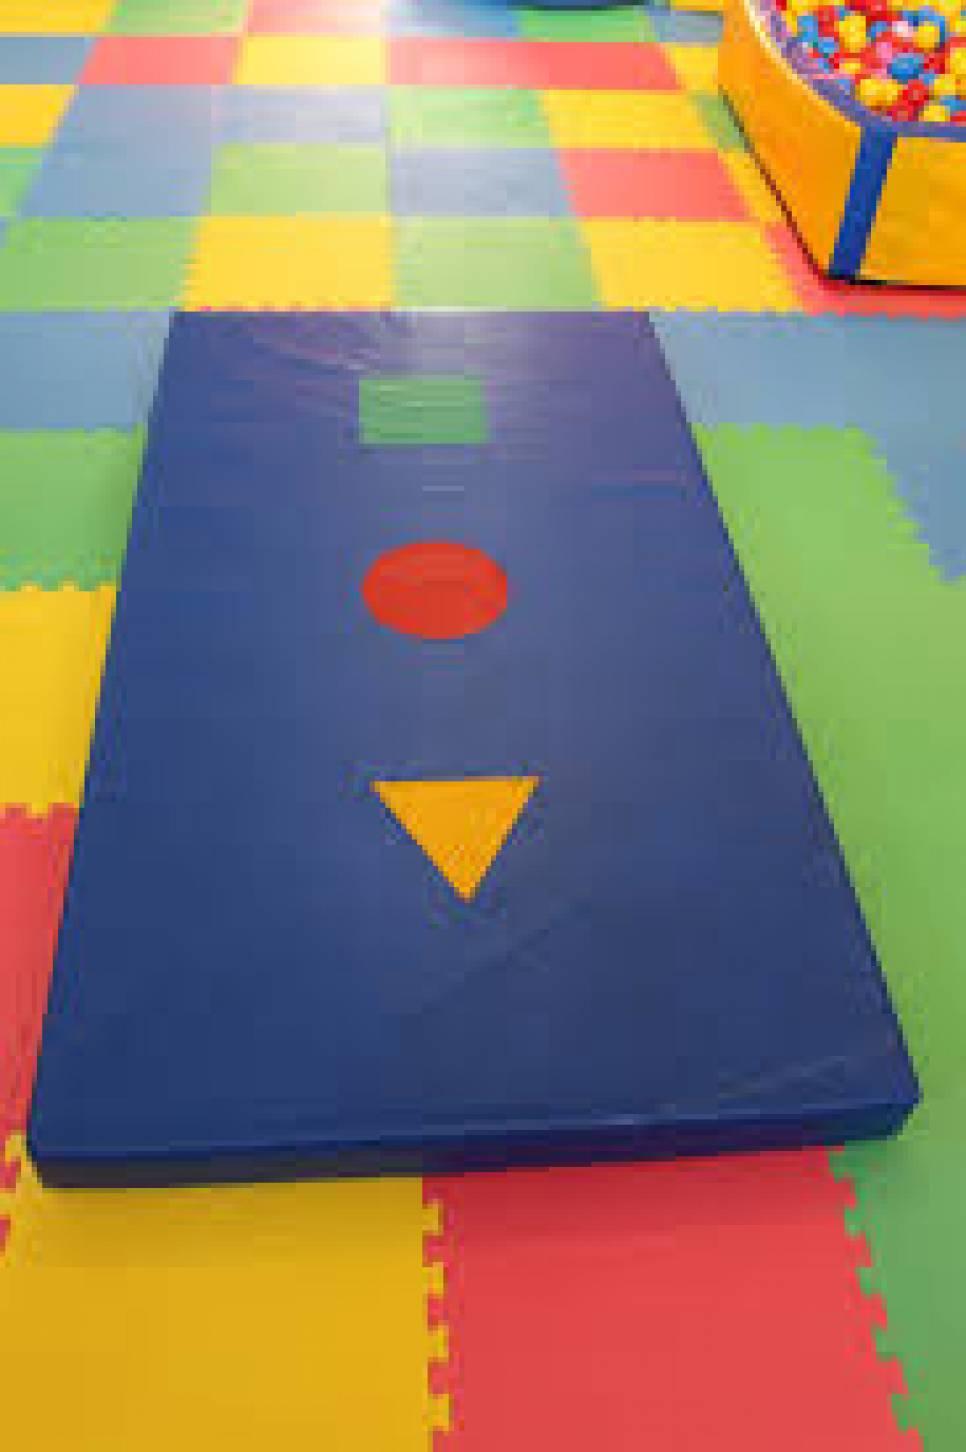 Детские развивающие маты - Мат Геометрия  200-100-5 см Тia-sport, фото [sm-0116]